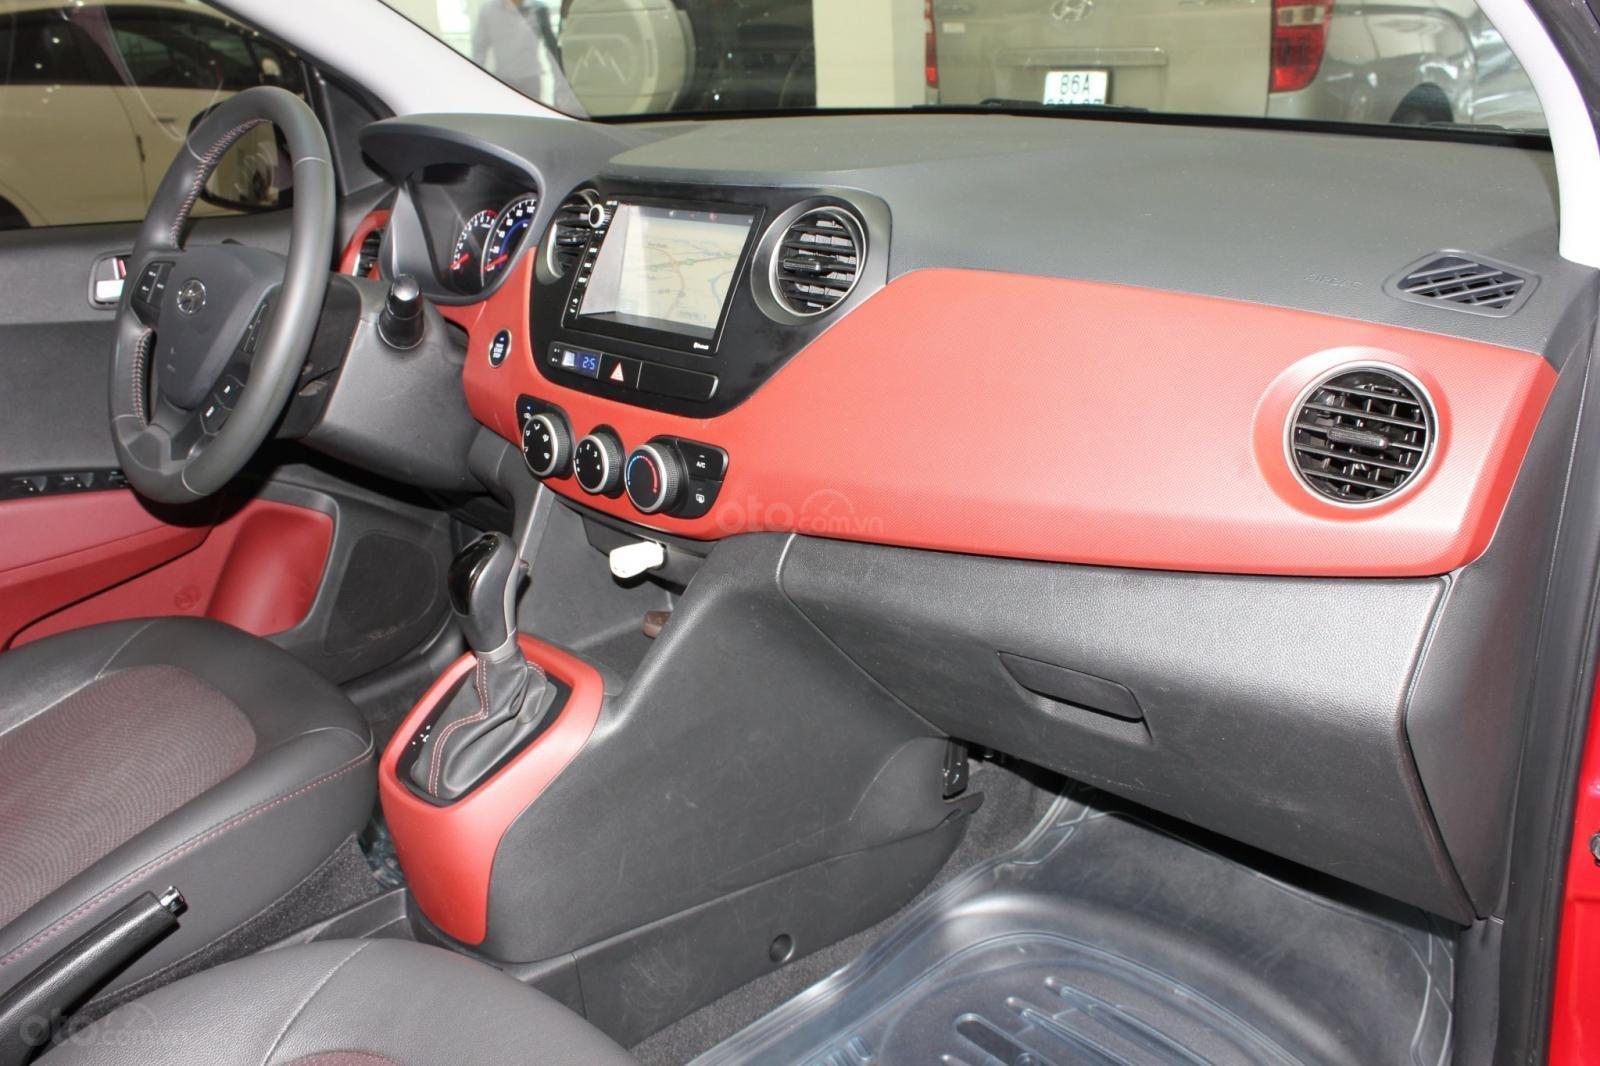 Hot hot hốt ngay Hyundai Grand i10 với giá cực hót và quà tặng hấp dẫn-15